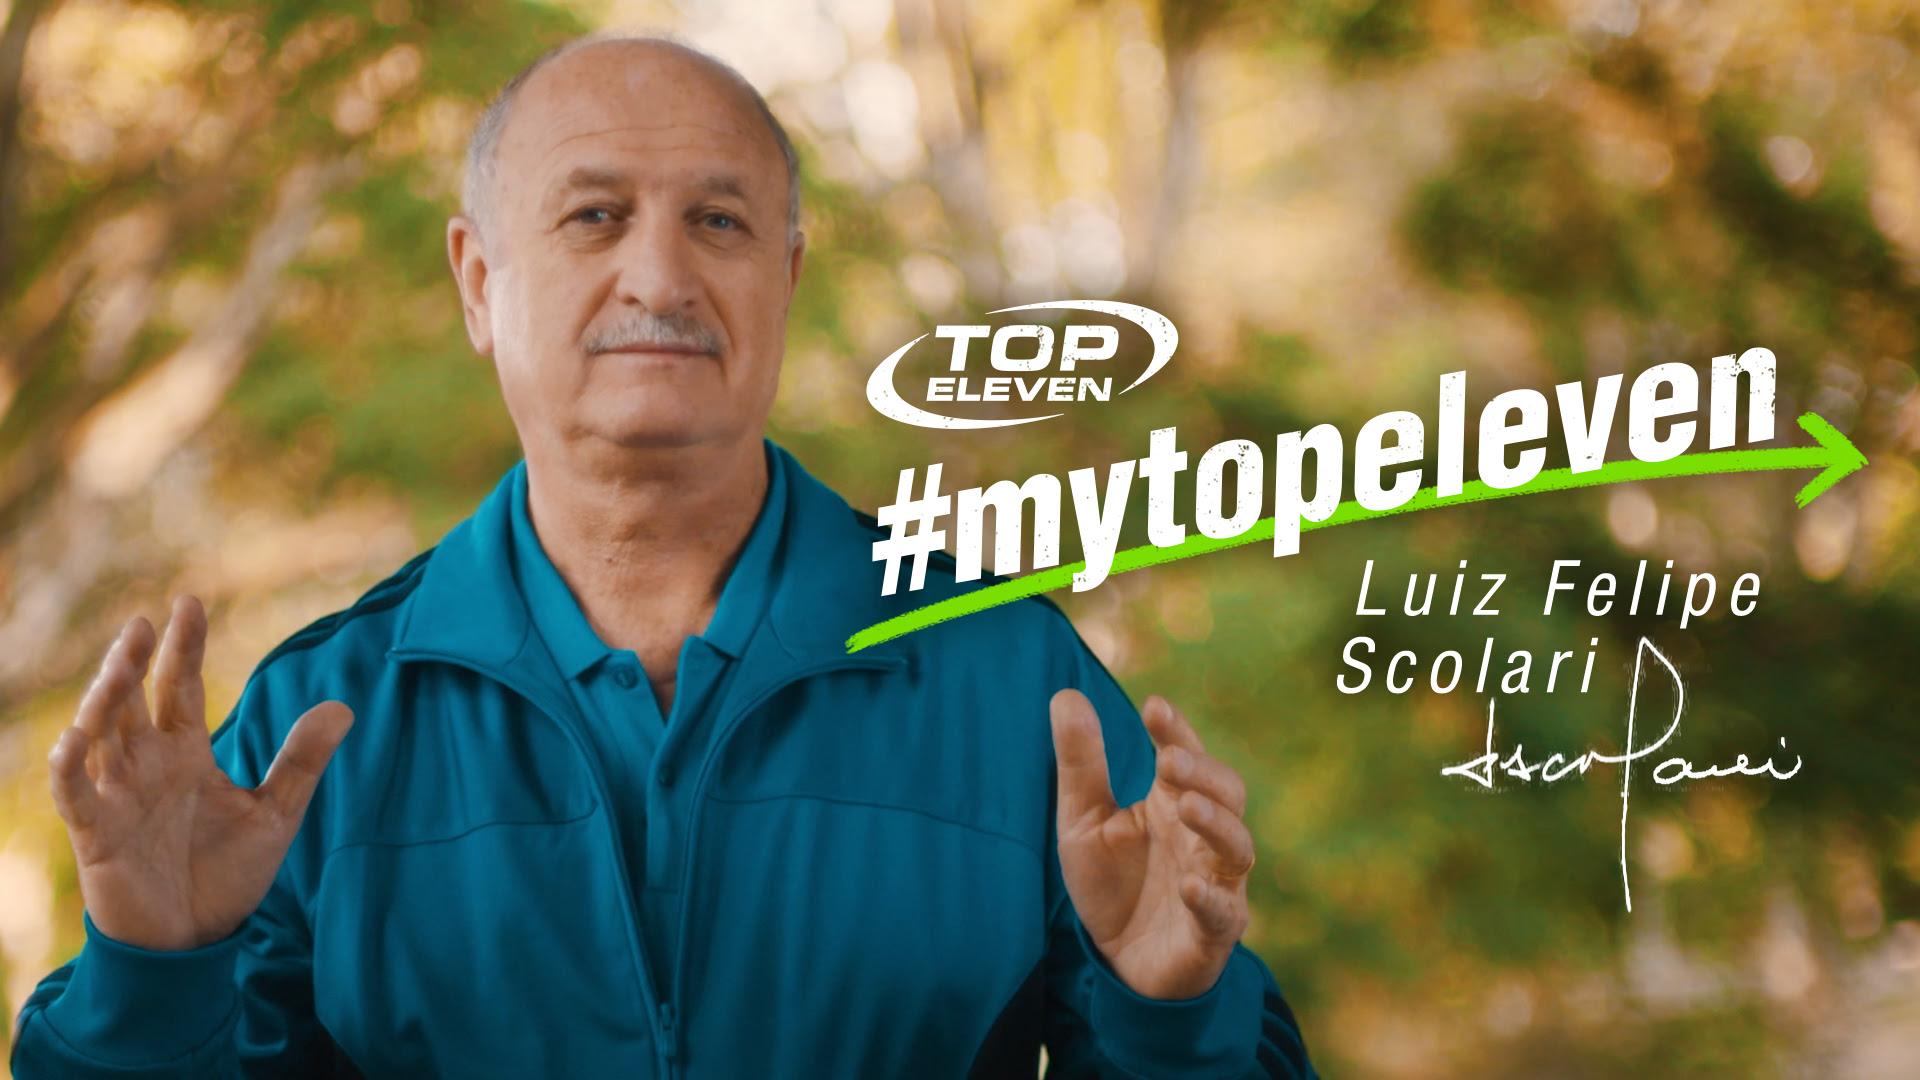 NP: El célebre entrenador brasileño, Scolari, escoge a 6 jugadores de La Liga española para su selección ideal